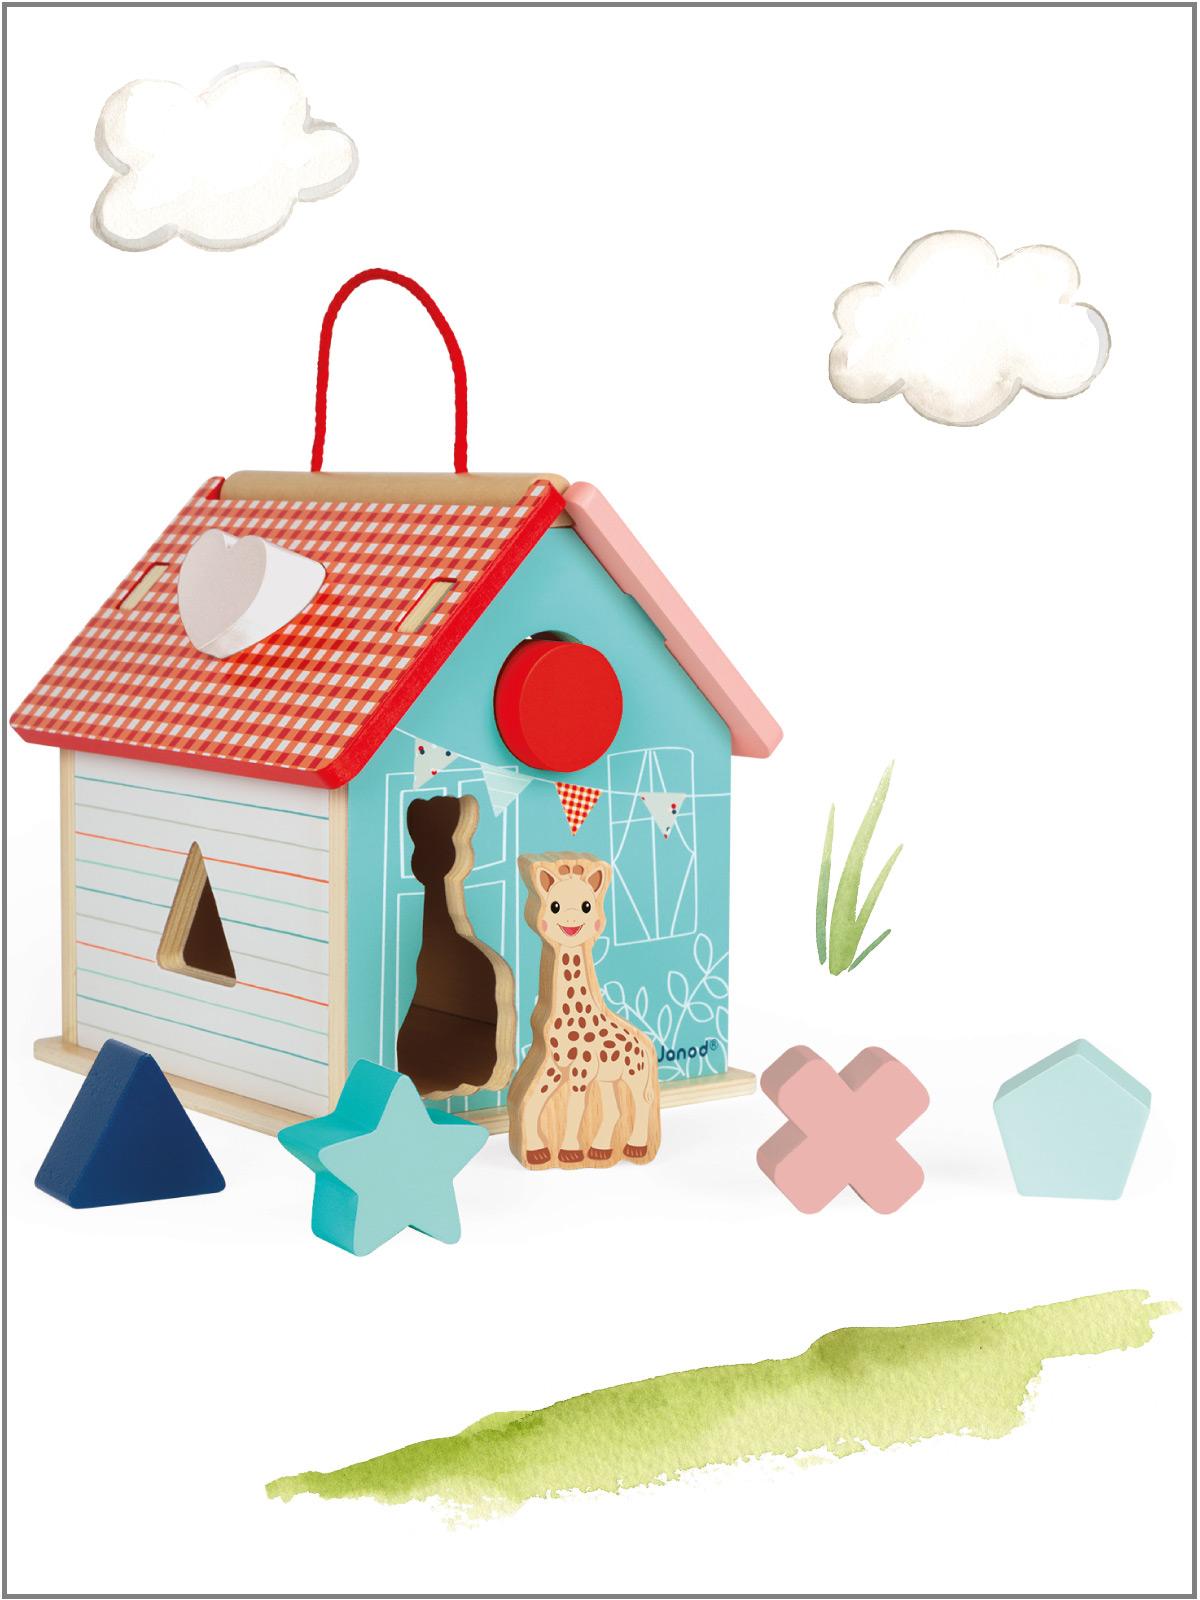 frederickandsophie-kids-toys-janod-france-sophie_la_girafe_sorting-house